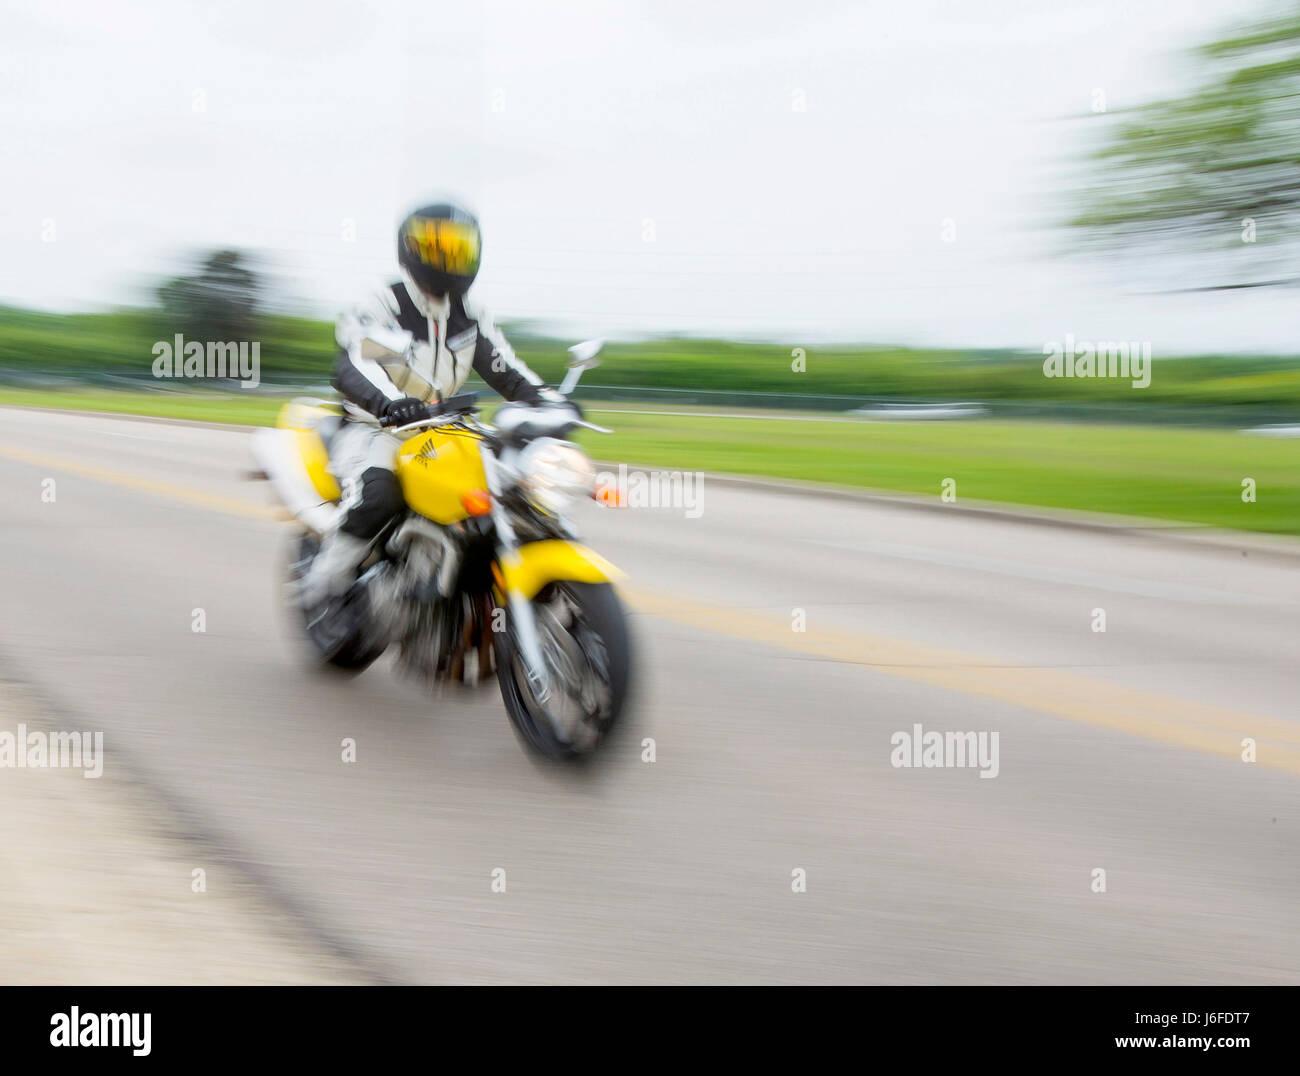 Afmc Stock Photos & Afmc Stock Images